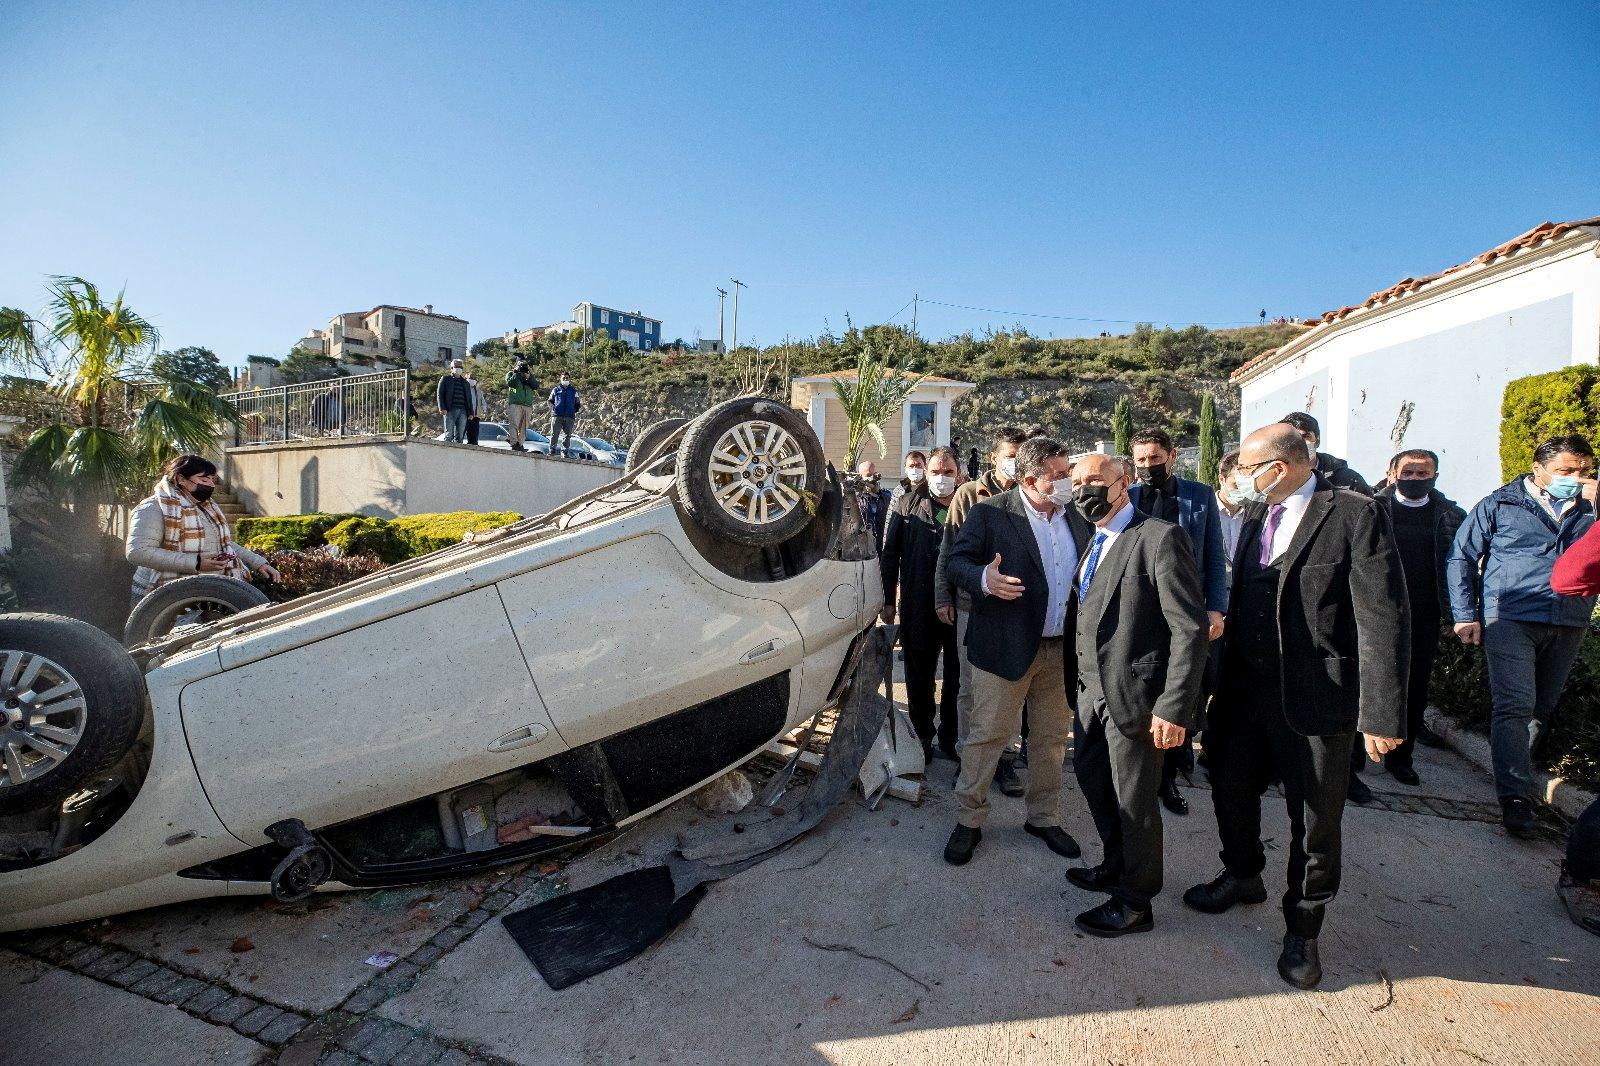 إعصار يجتاح منتجعا تركيا وحاكم إزمير يقول إنه